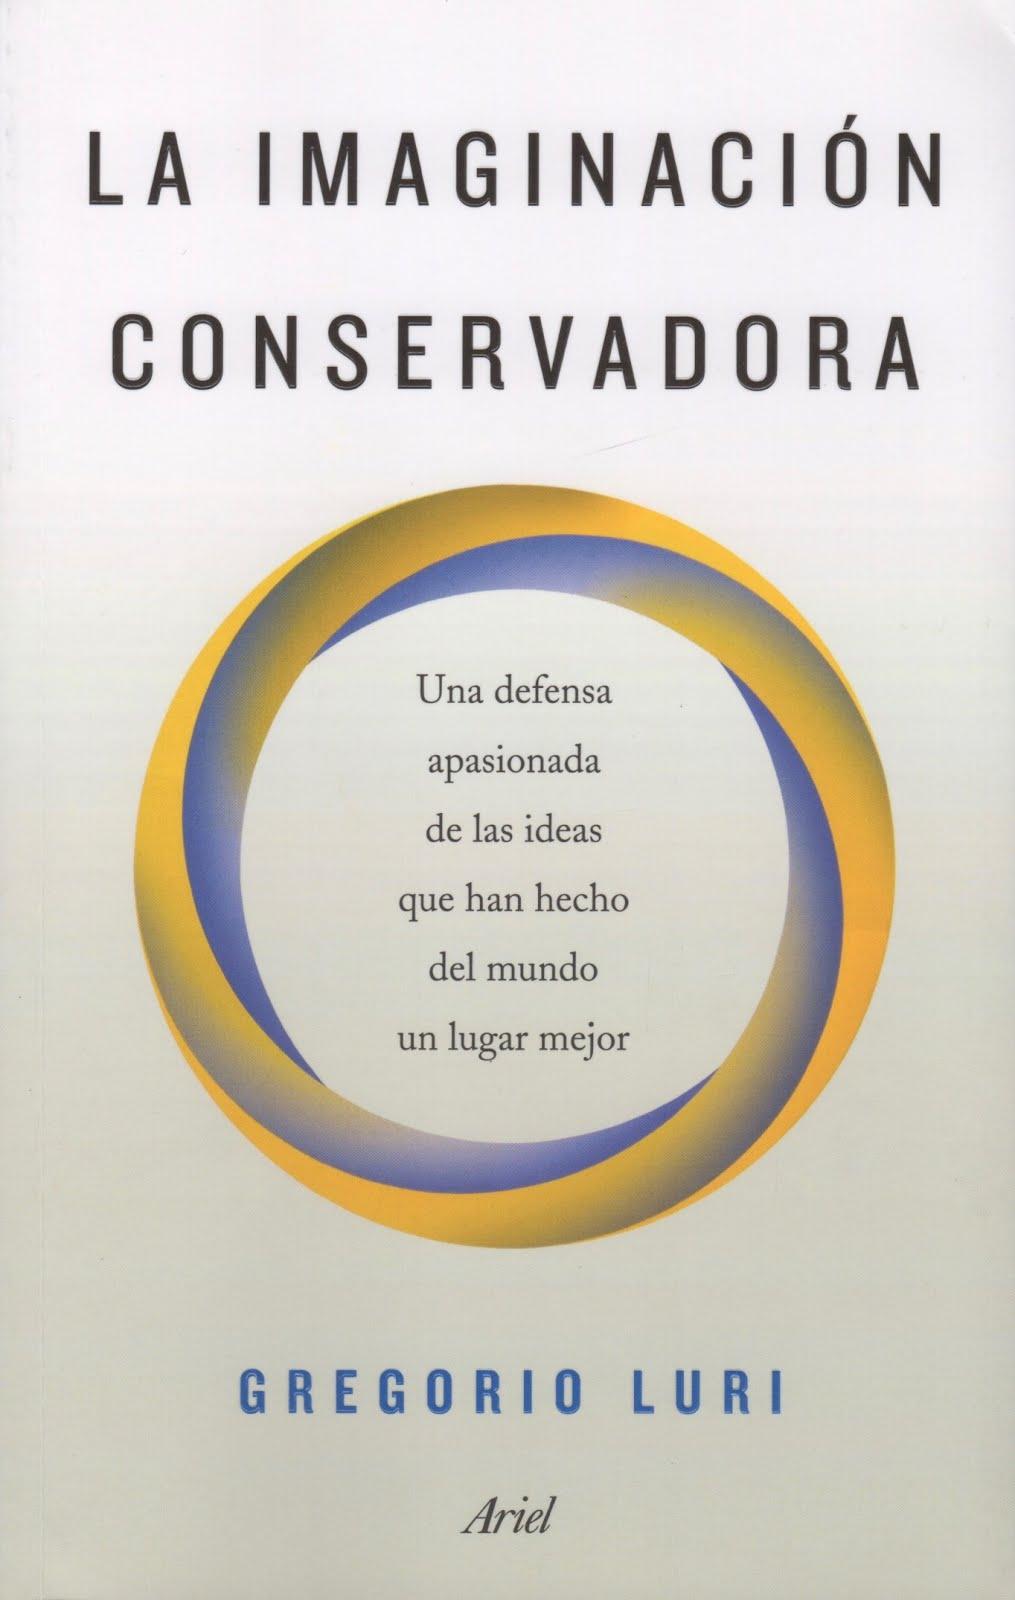 Gregorio Luri (La imaginación conservadora) Una defensa apasionada de las ideas que han hecho del m